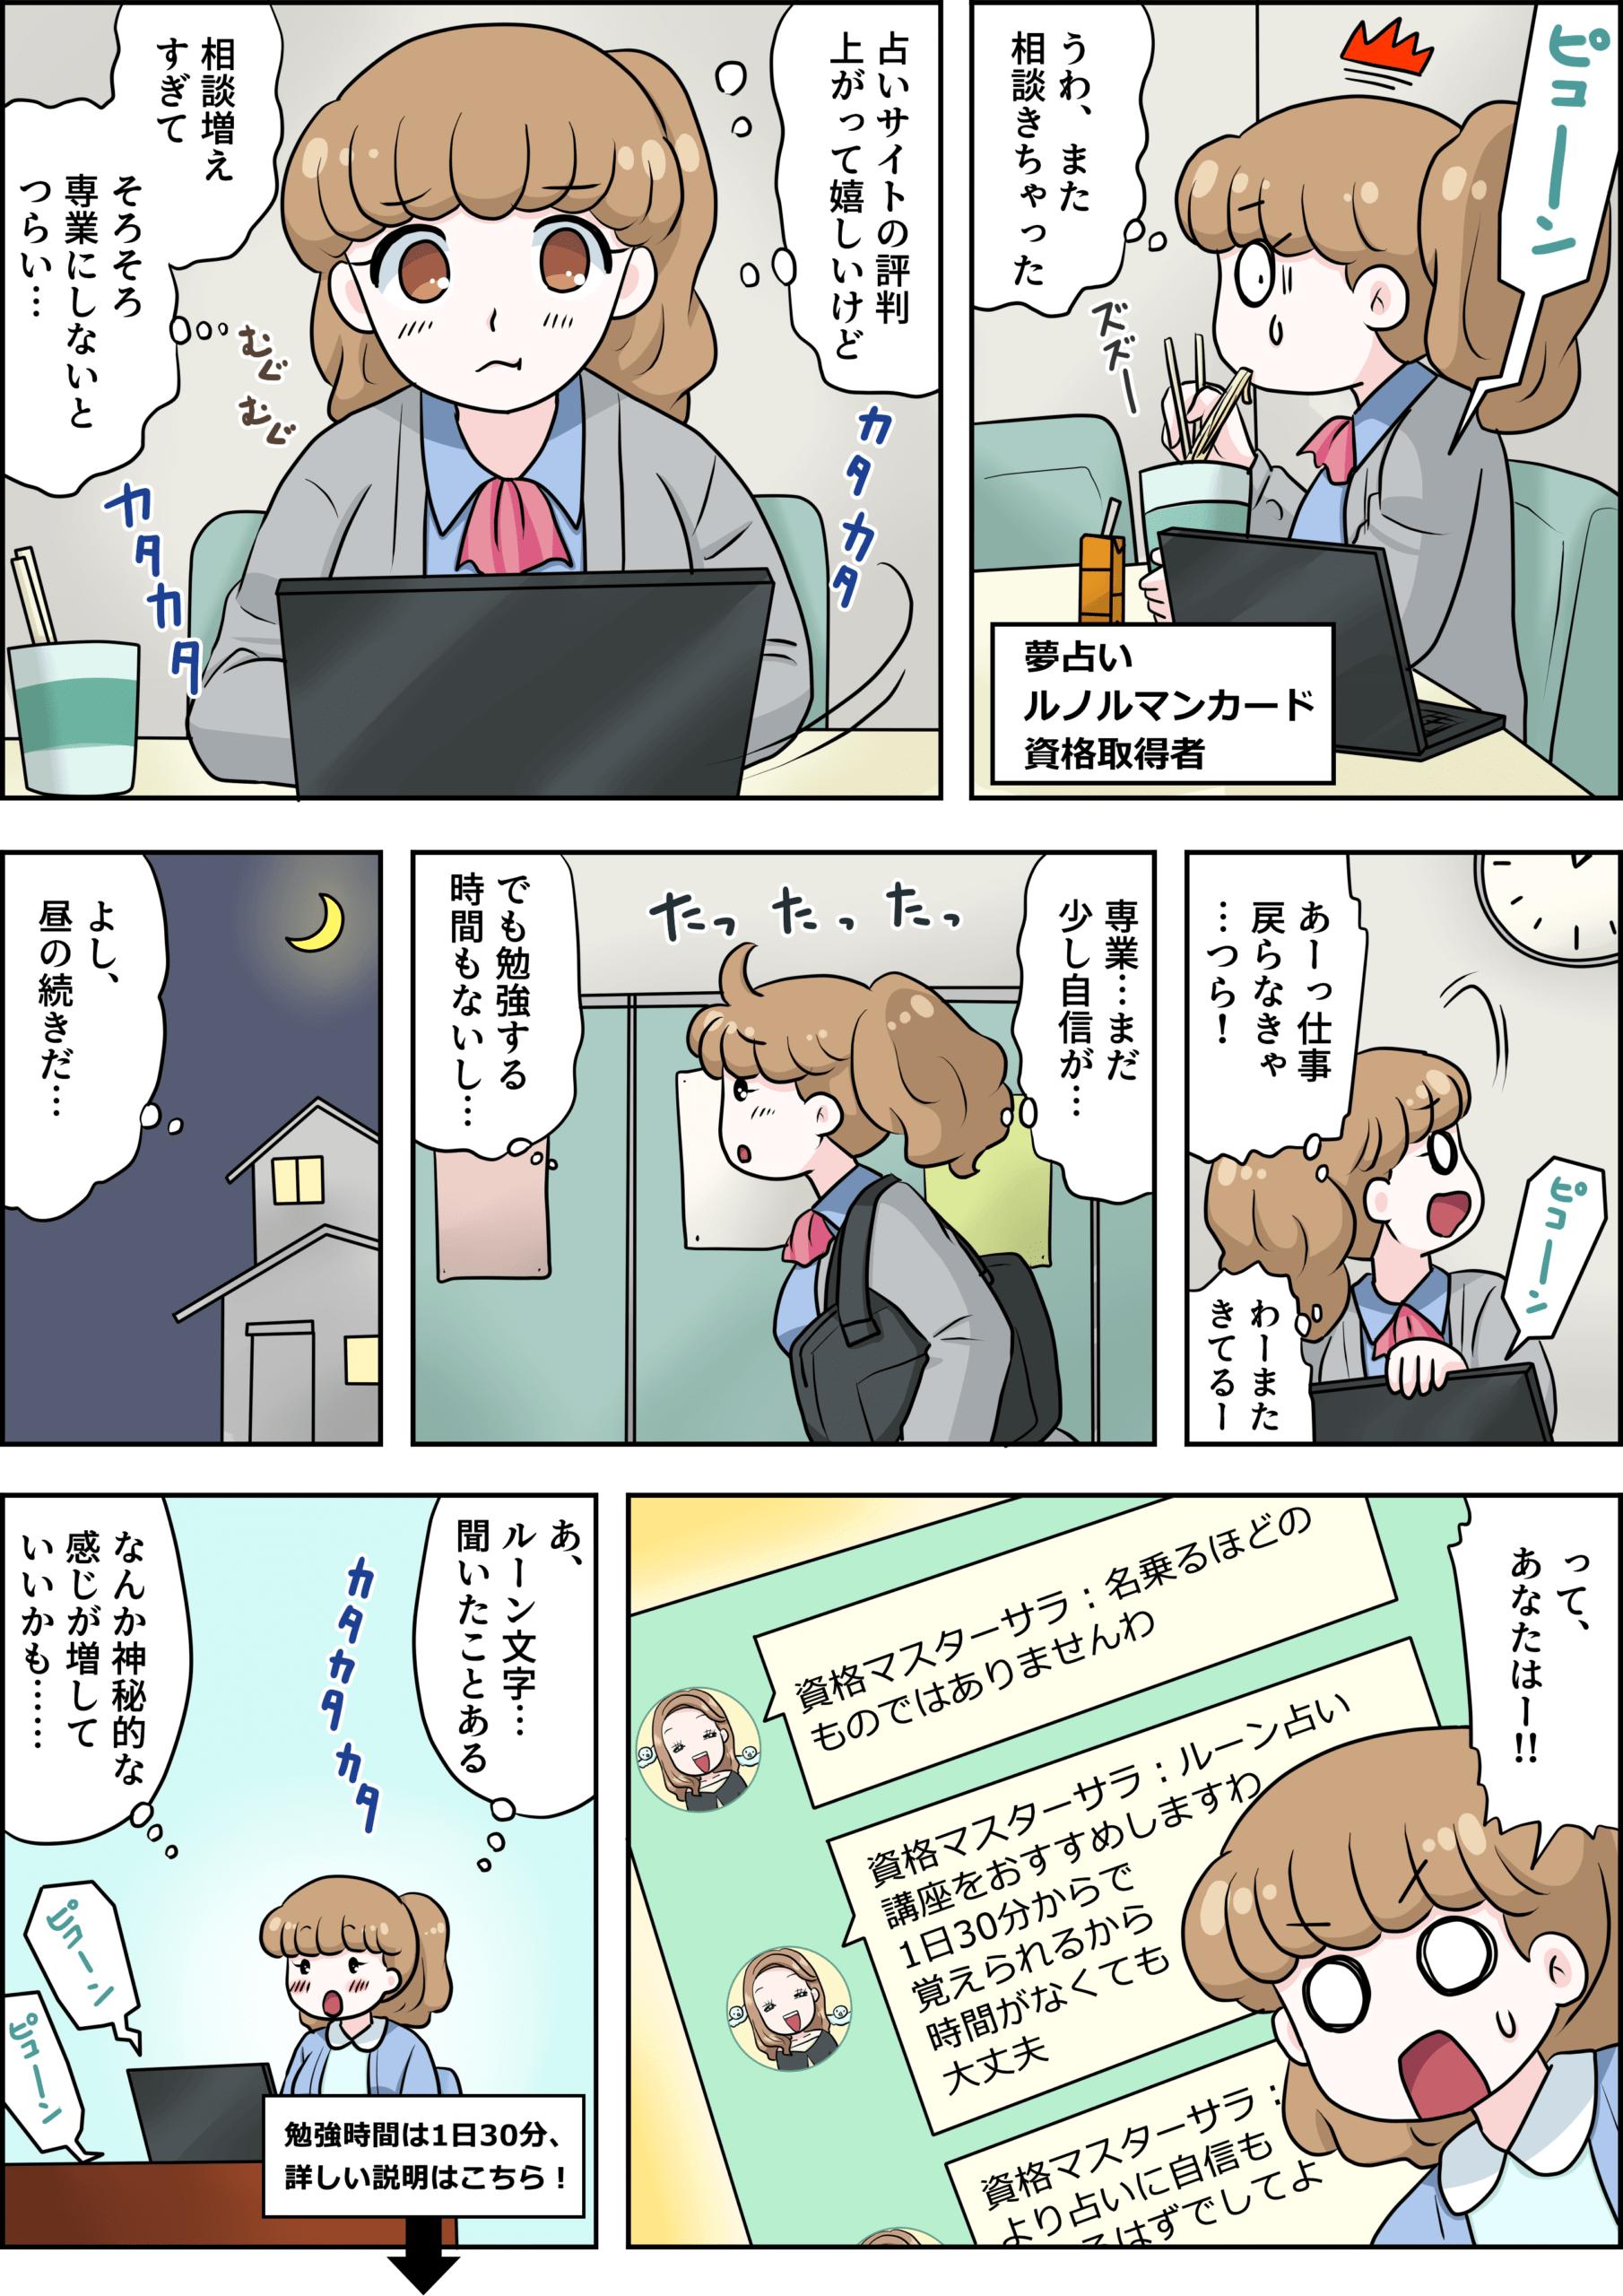 ルーン占いの漫画